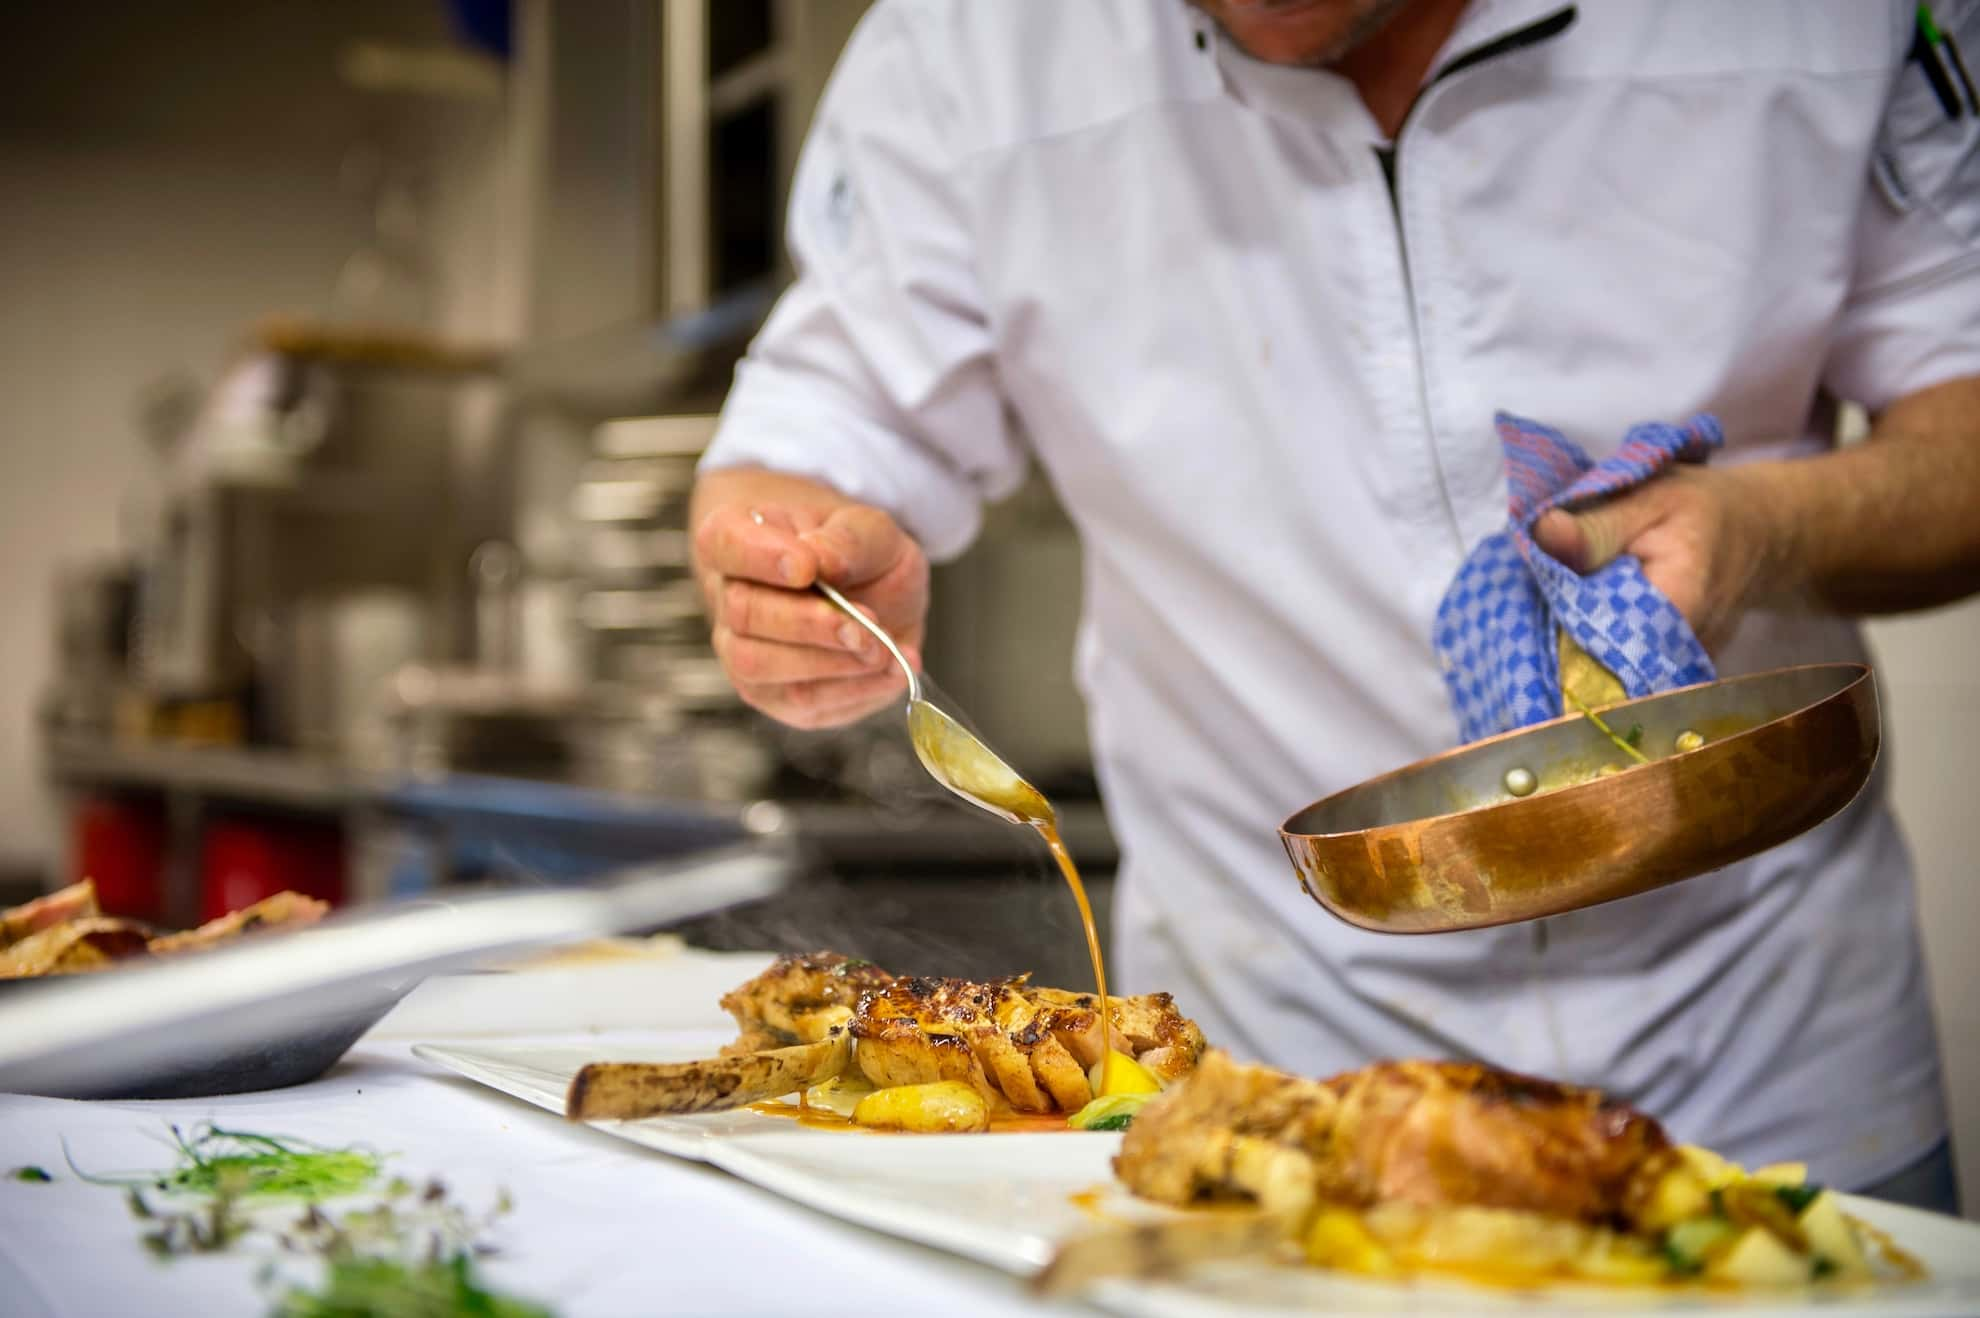 Seehof Keller | Restaurant Fleischgericht - Meat Dish